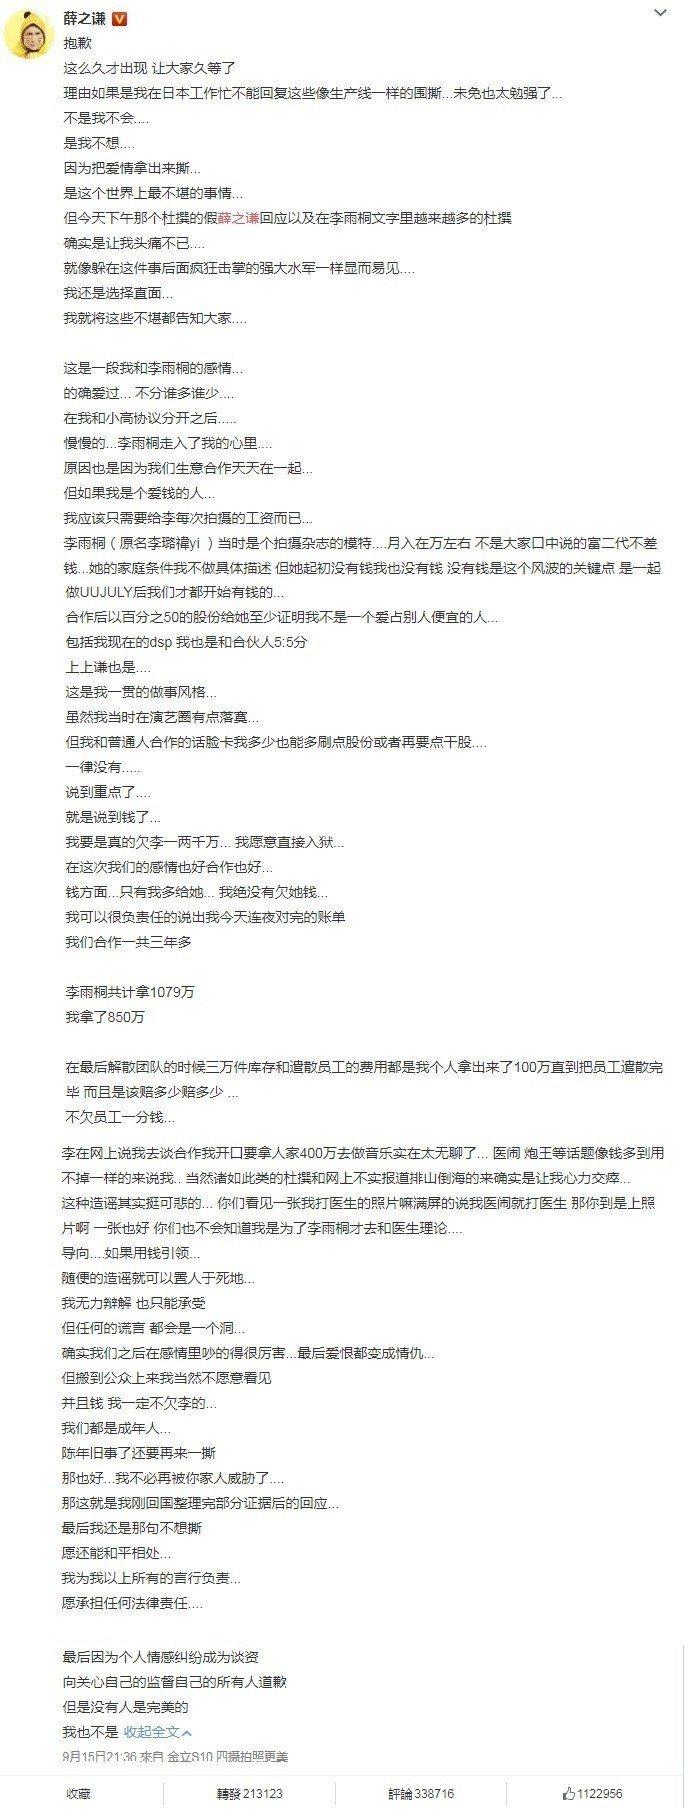 薛之謙在微博上發長文。圖/摘自微博